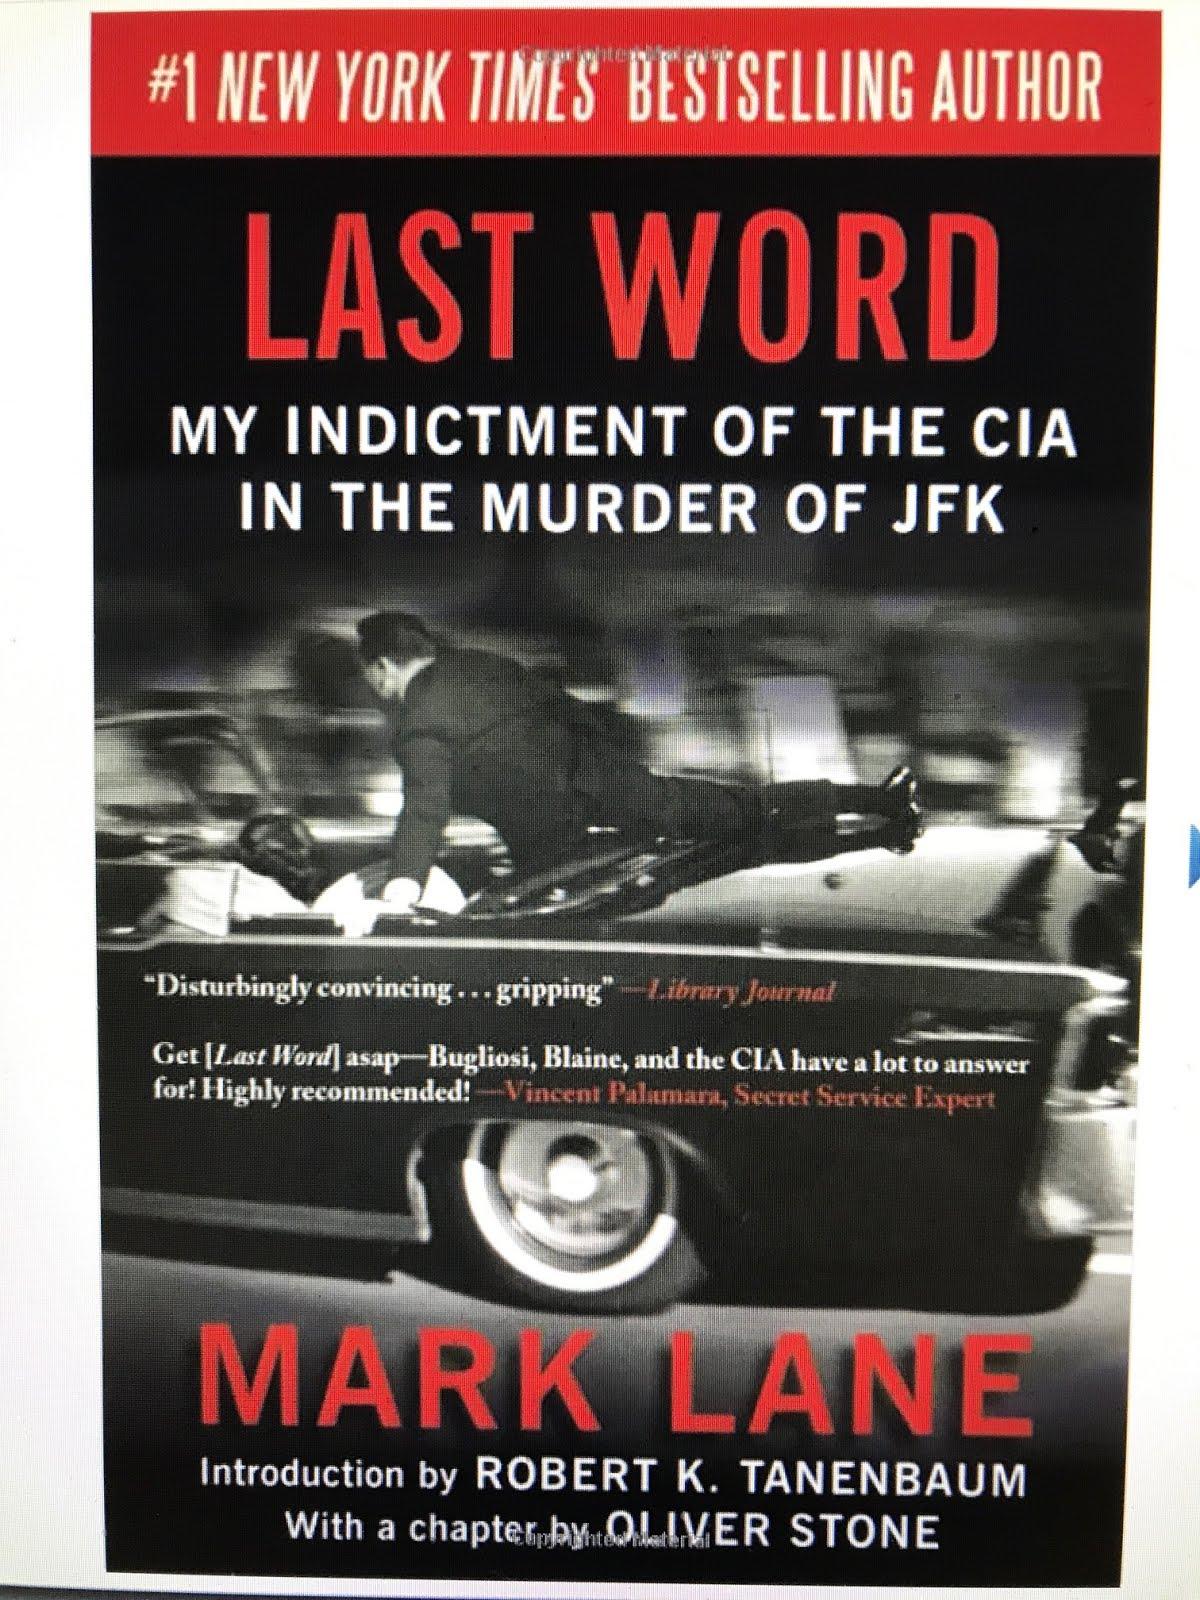 DEBUNKS BUGLIOSI, BLAINE AND THE CIA!